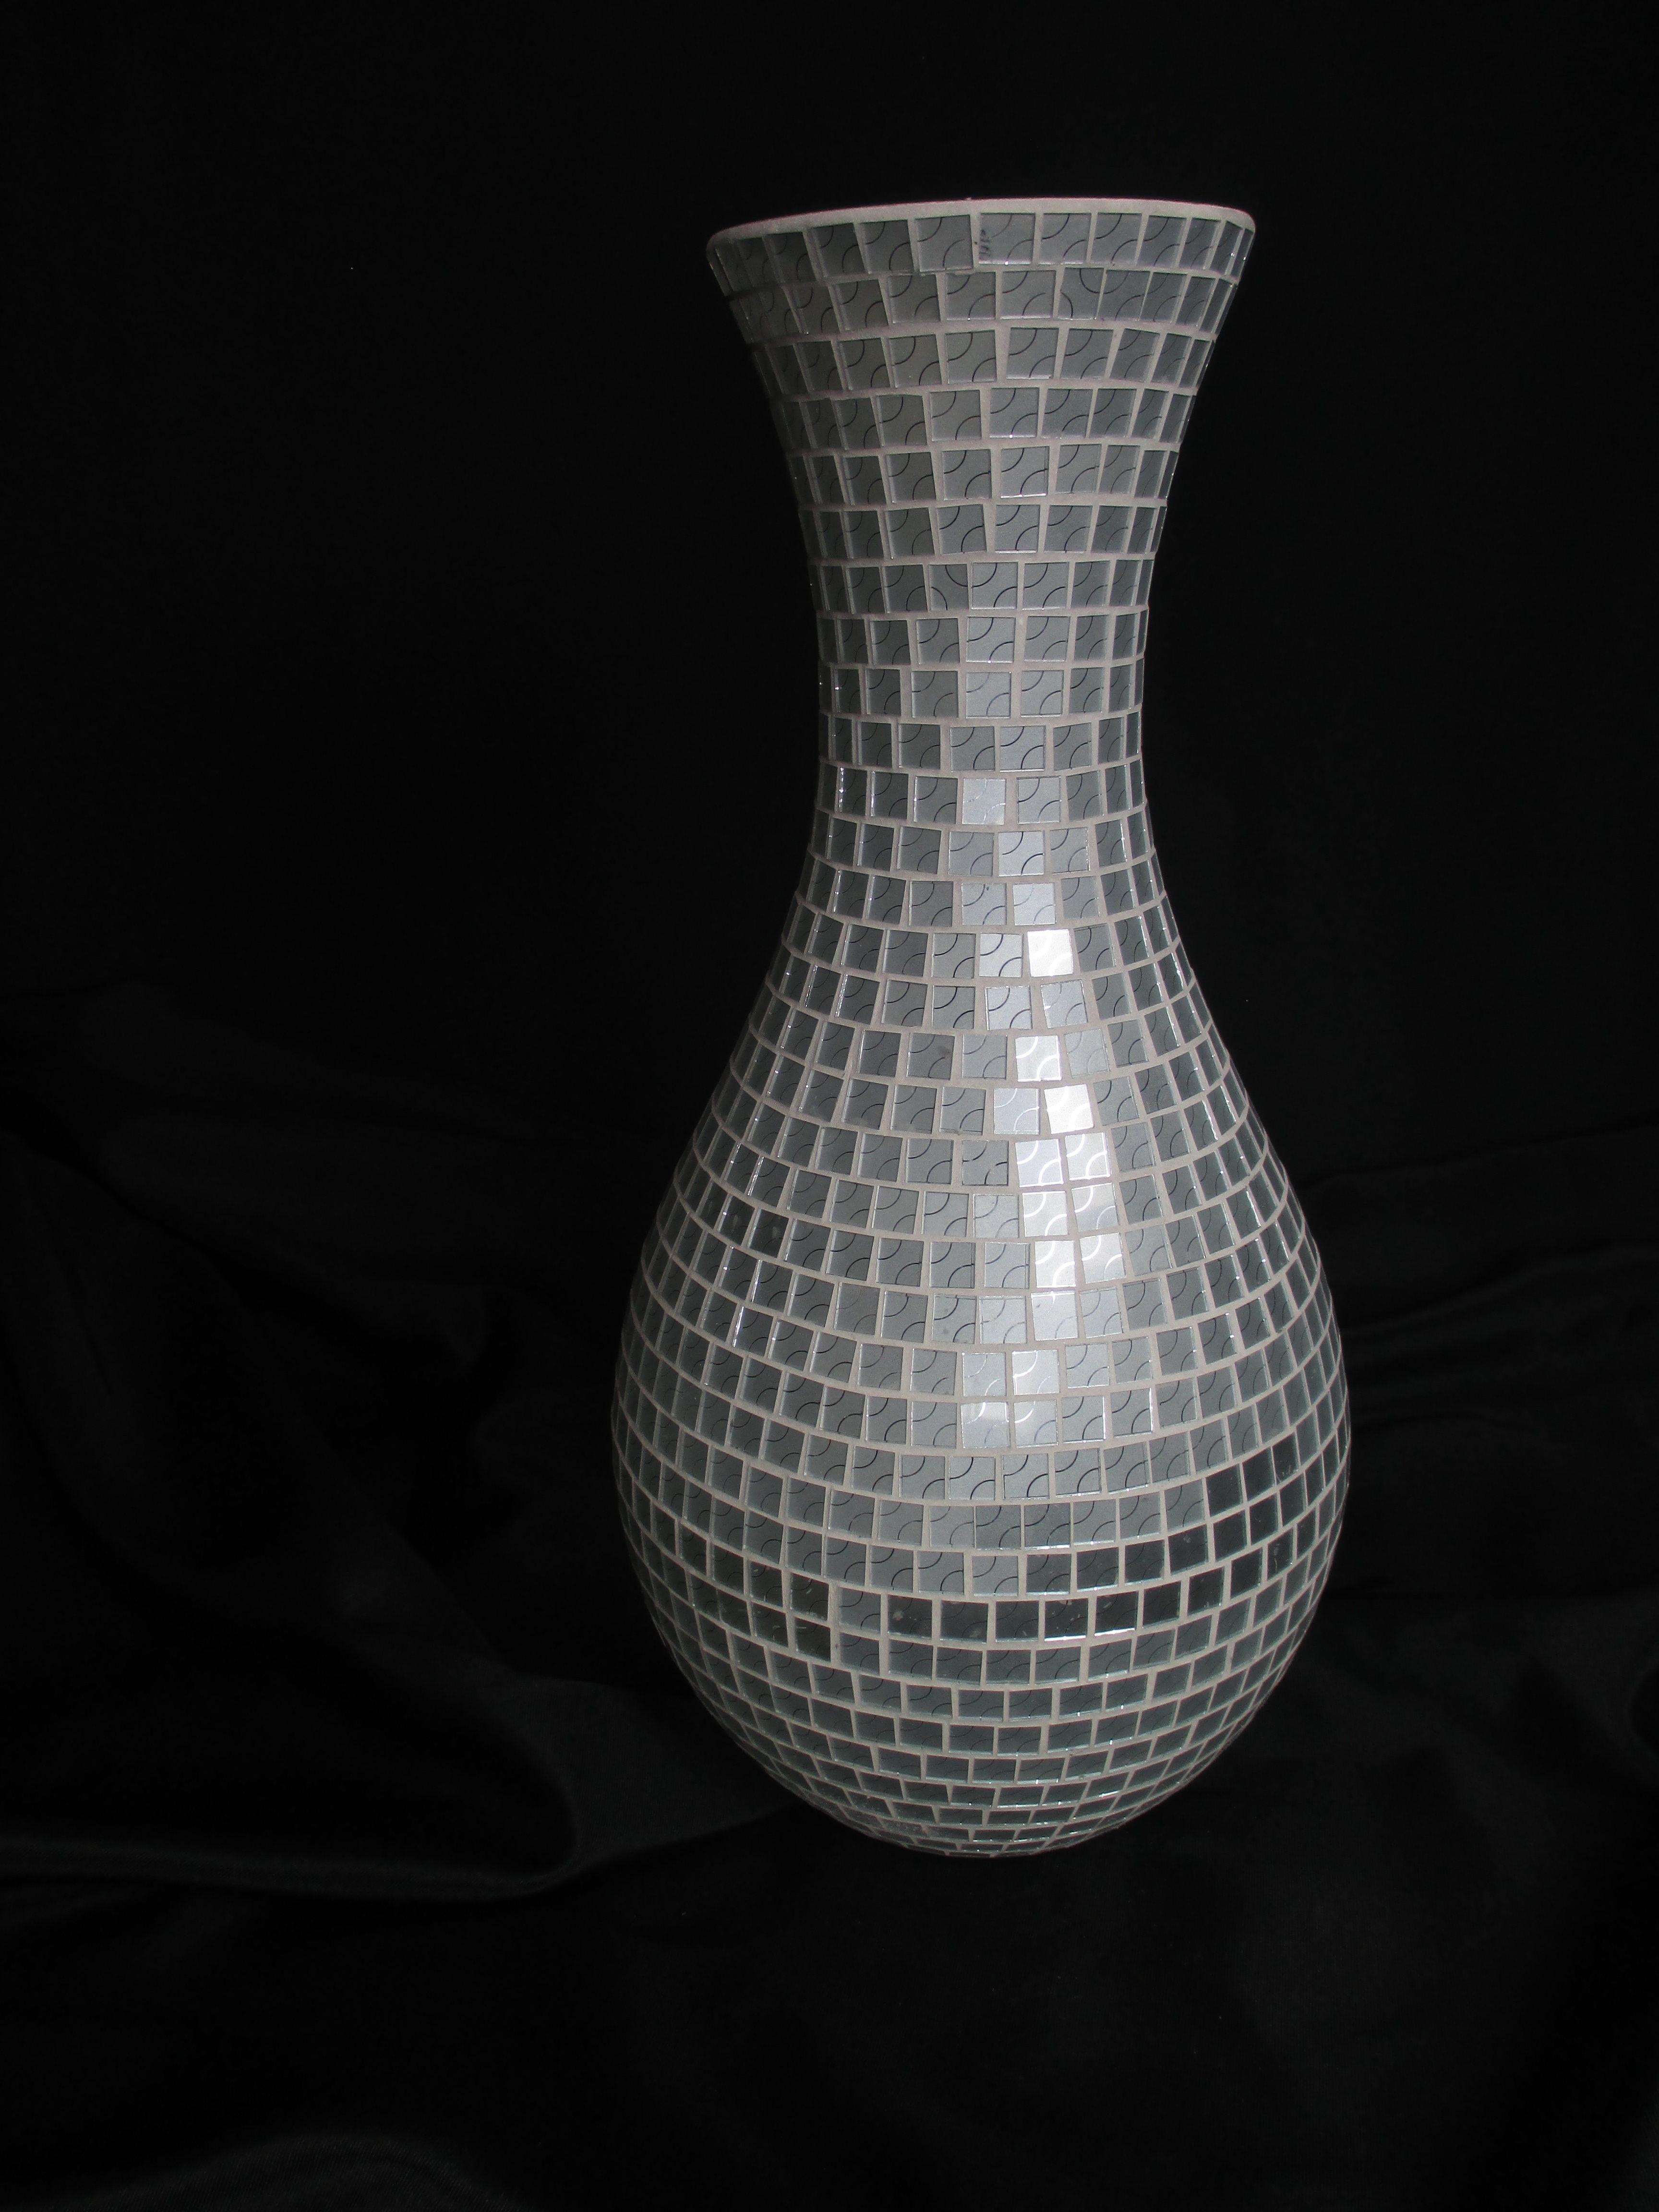 White handmade vase aa 4 8 modern home imports white handmade vase aa 4 8 reviewsmspy